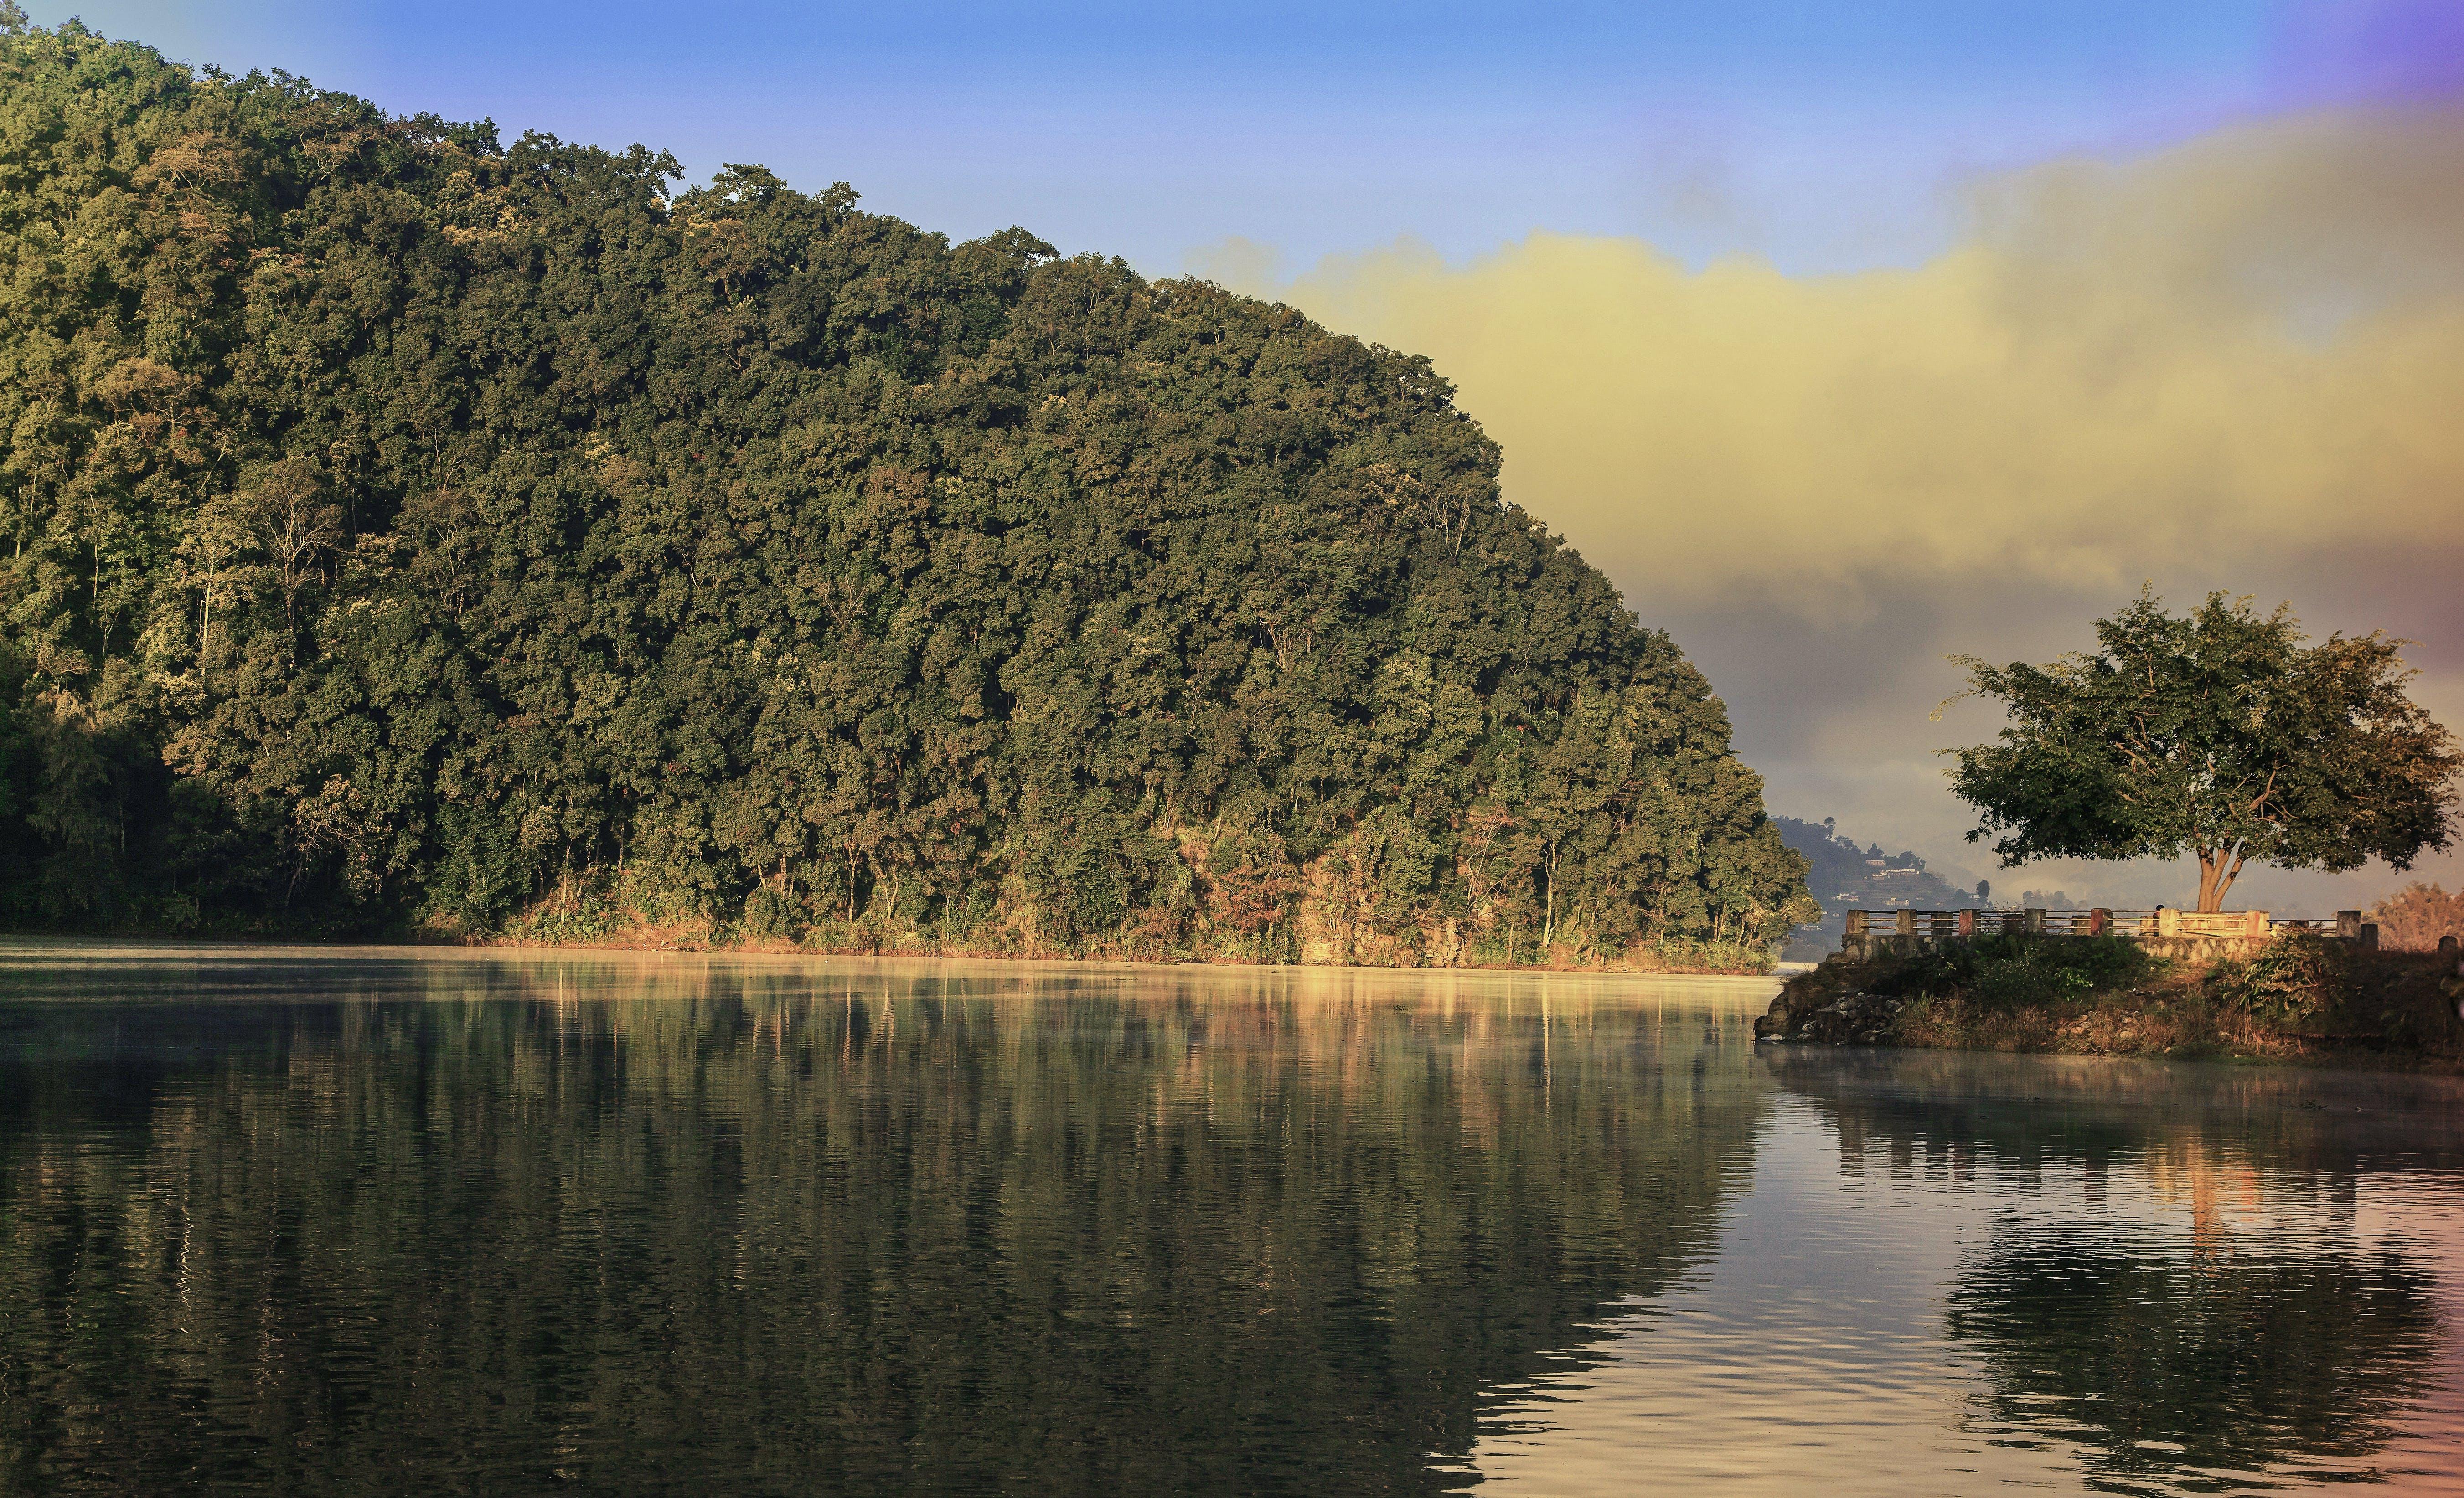 山, 木, 森の中, 森林の無料の写真素材